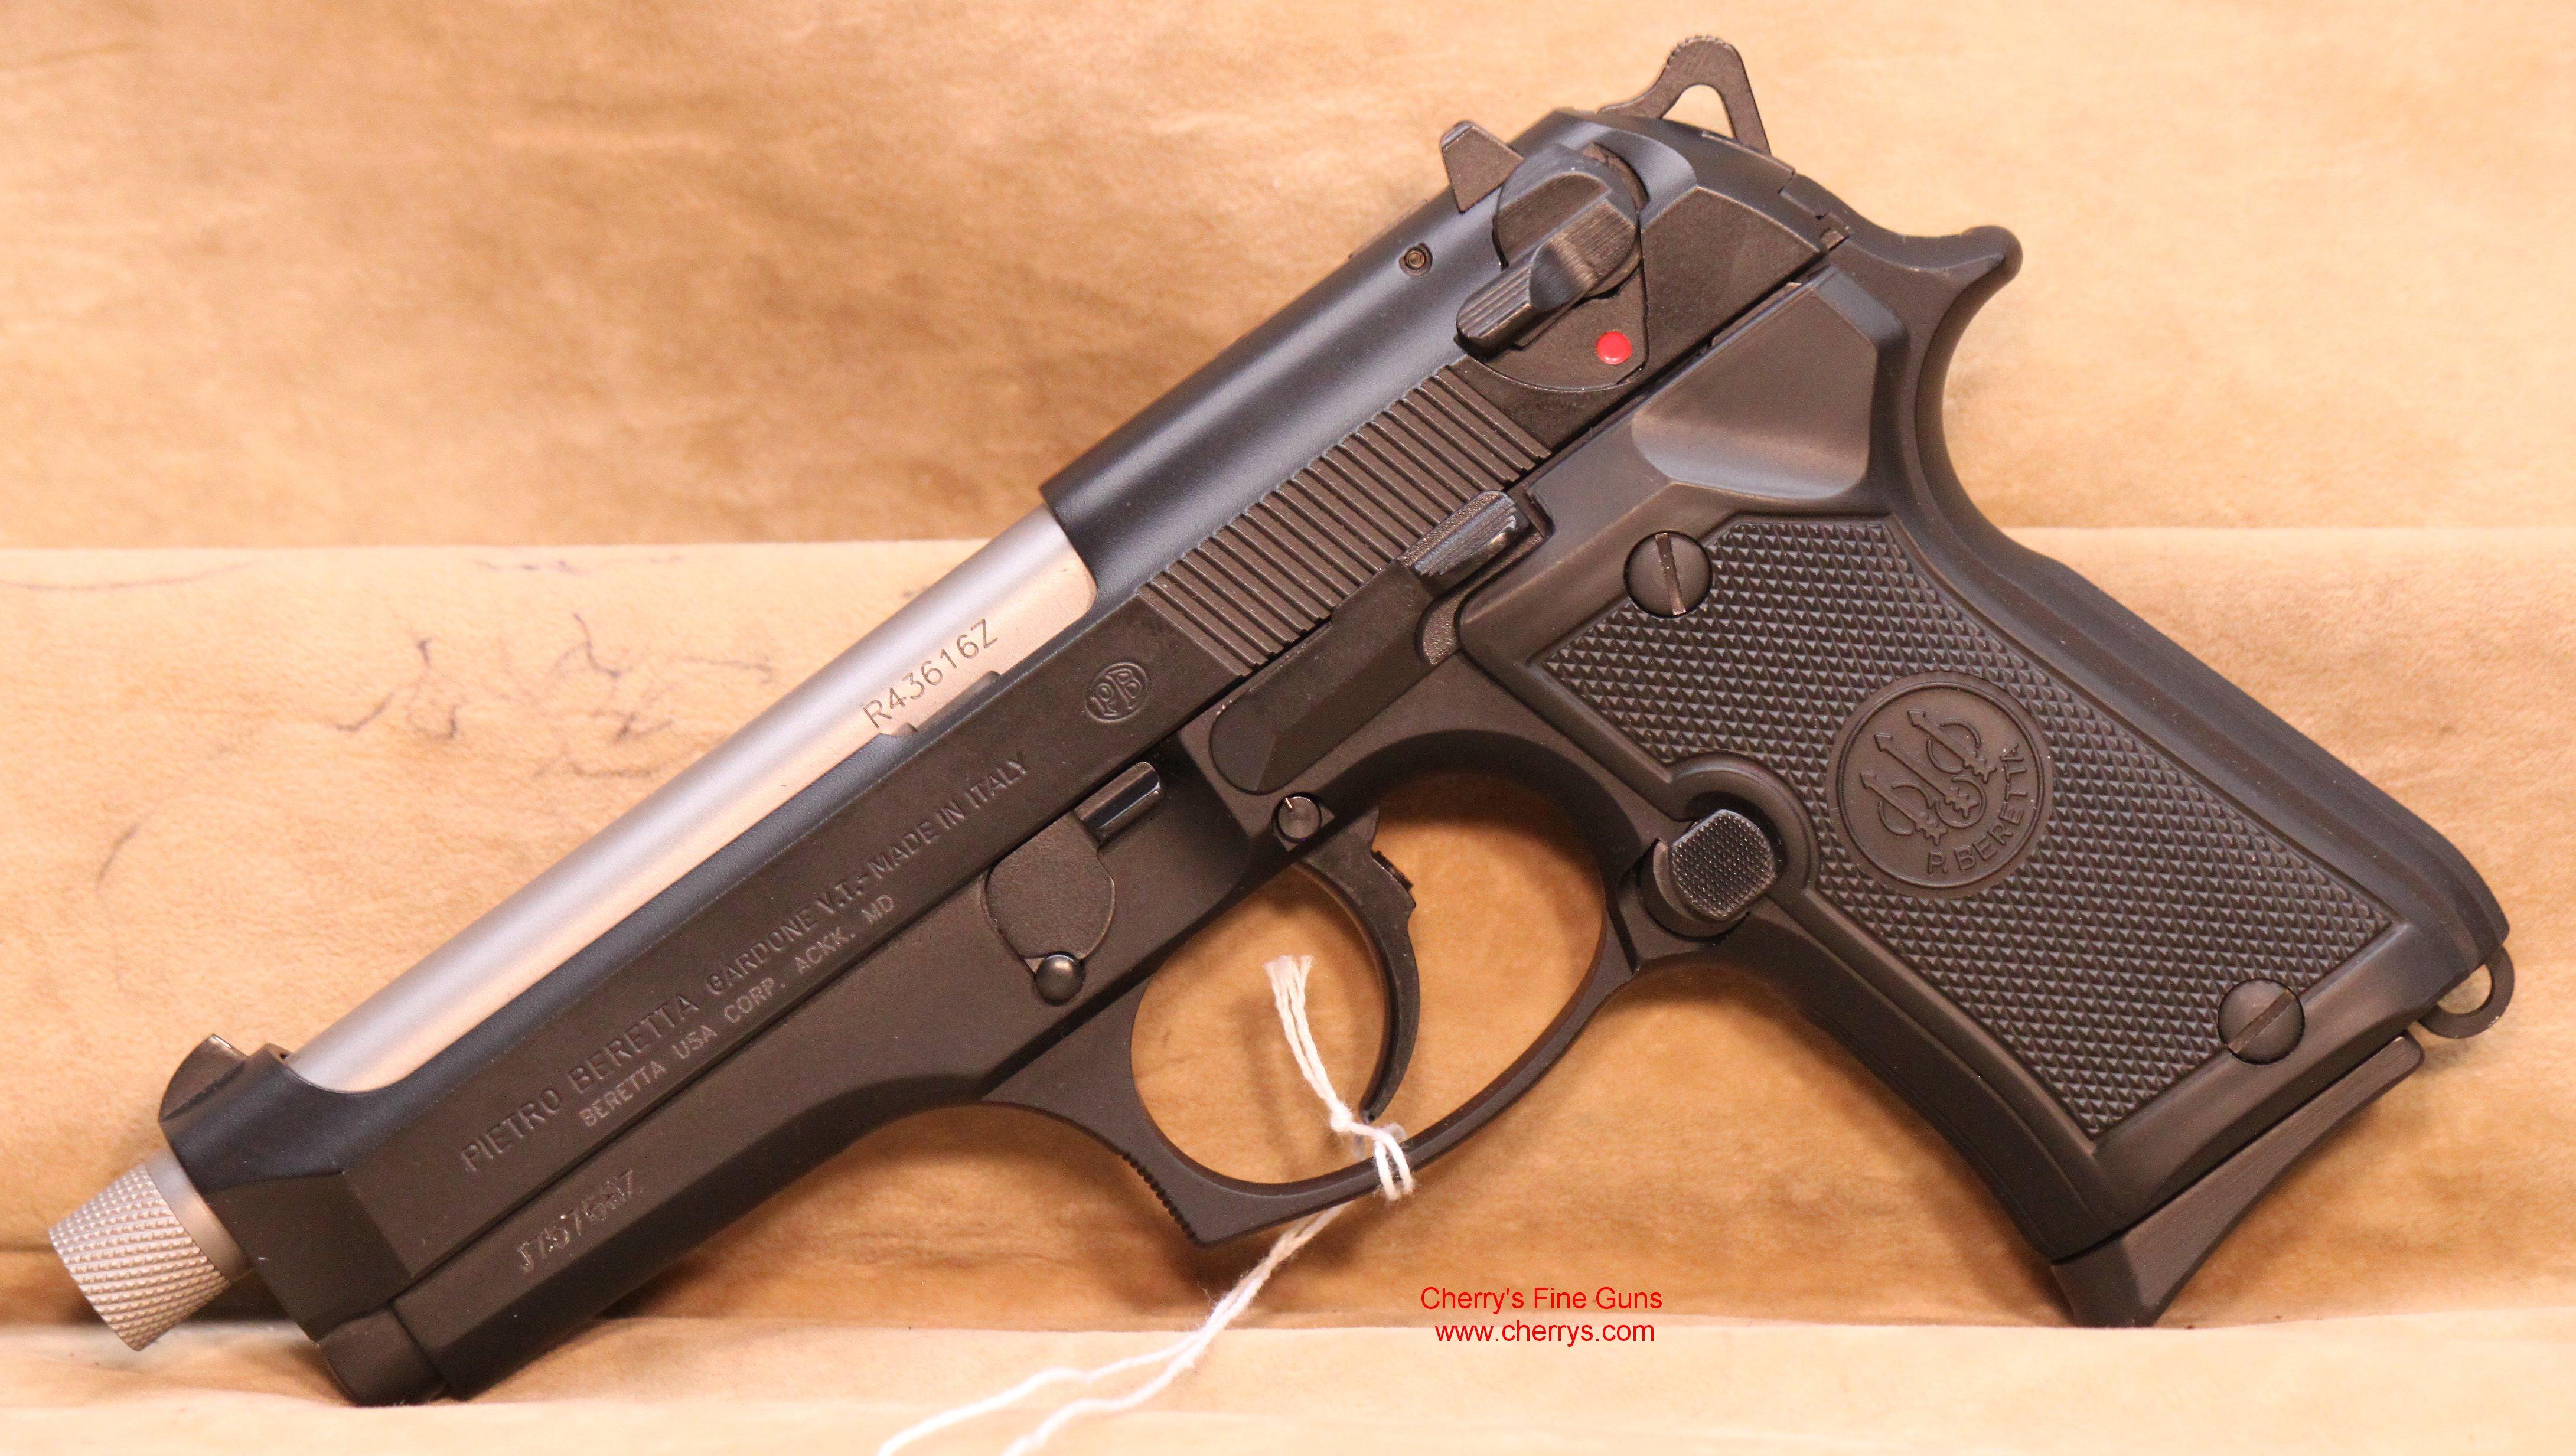 Cherry's Handgun Inventory Page